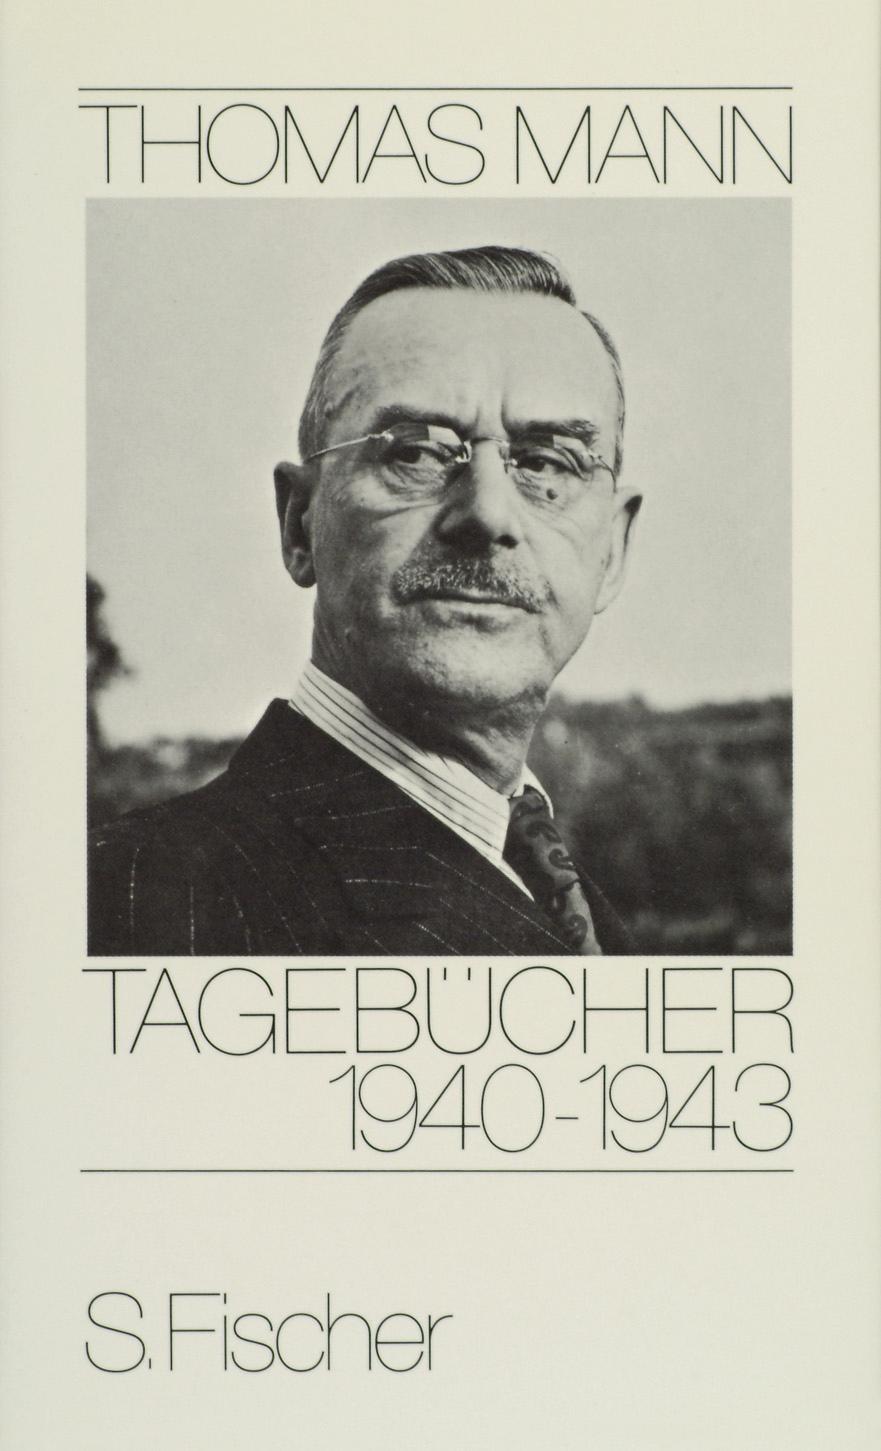 Tagebücher 1940-1943 | Thomas Mann |  9783100481979